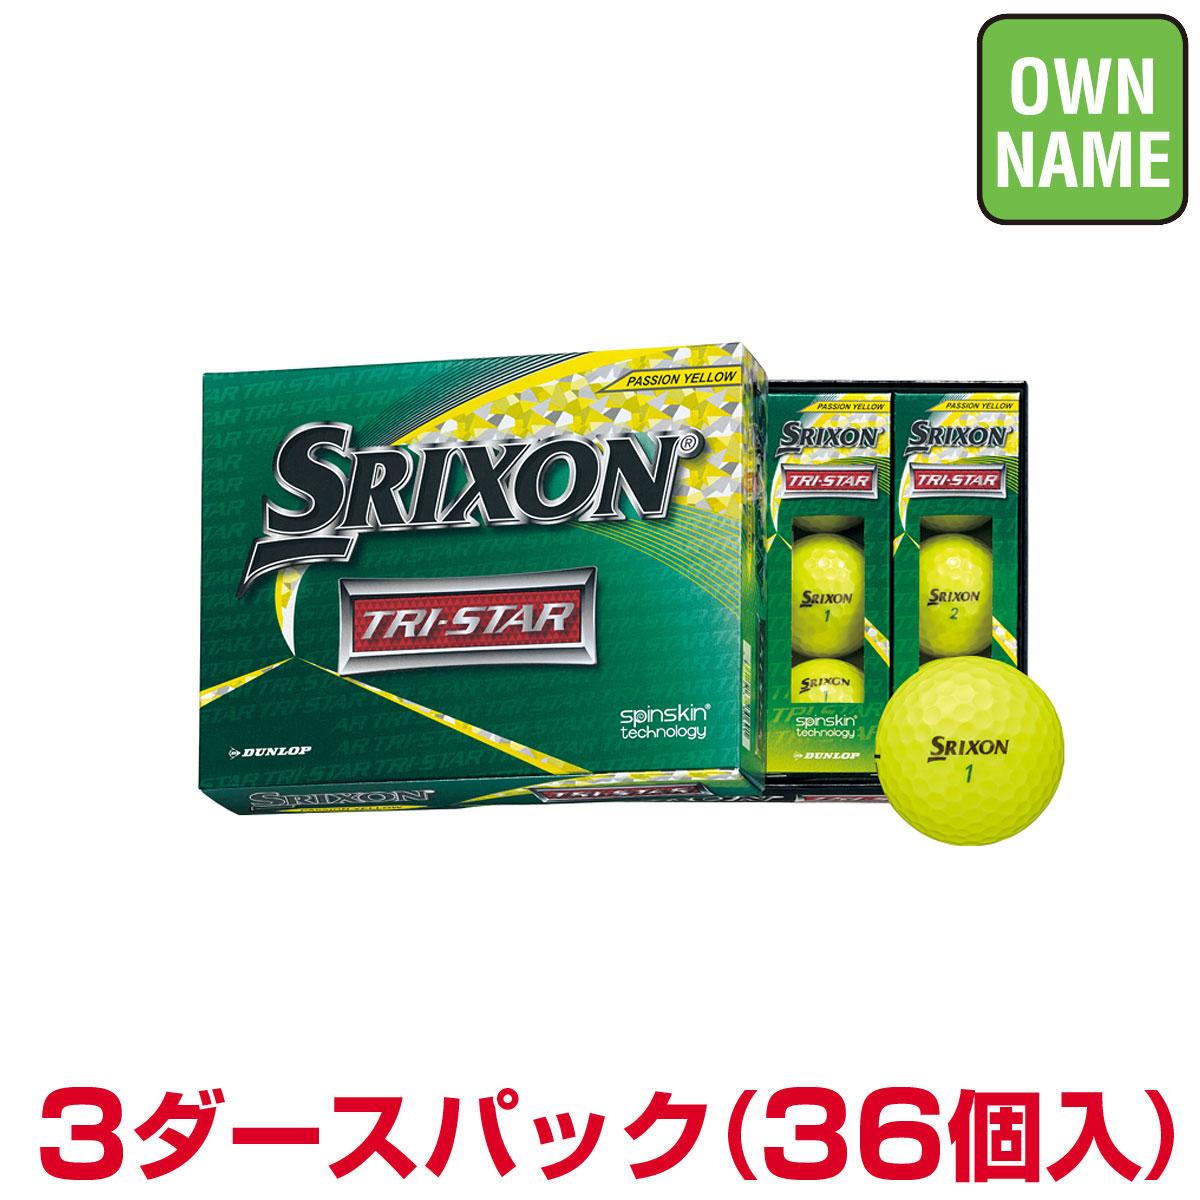 【【最大3300円OFFクーポン】】【文字オンネーム】 DUNLOP(ダンロップ)日本正規品 SRIXON(スリクソン) TRI-STAR(トライスター) 2020新製品 ゴルフボール 3ダース(36個入り)